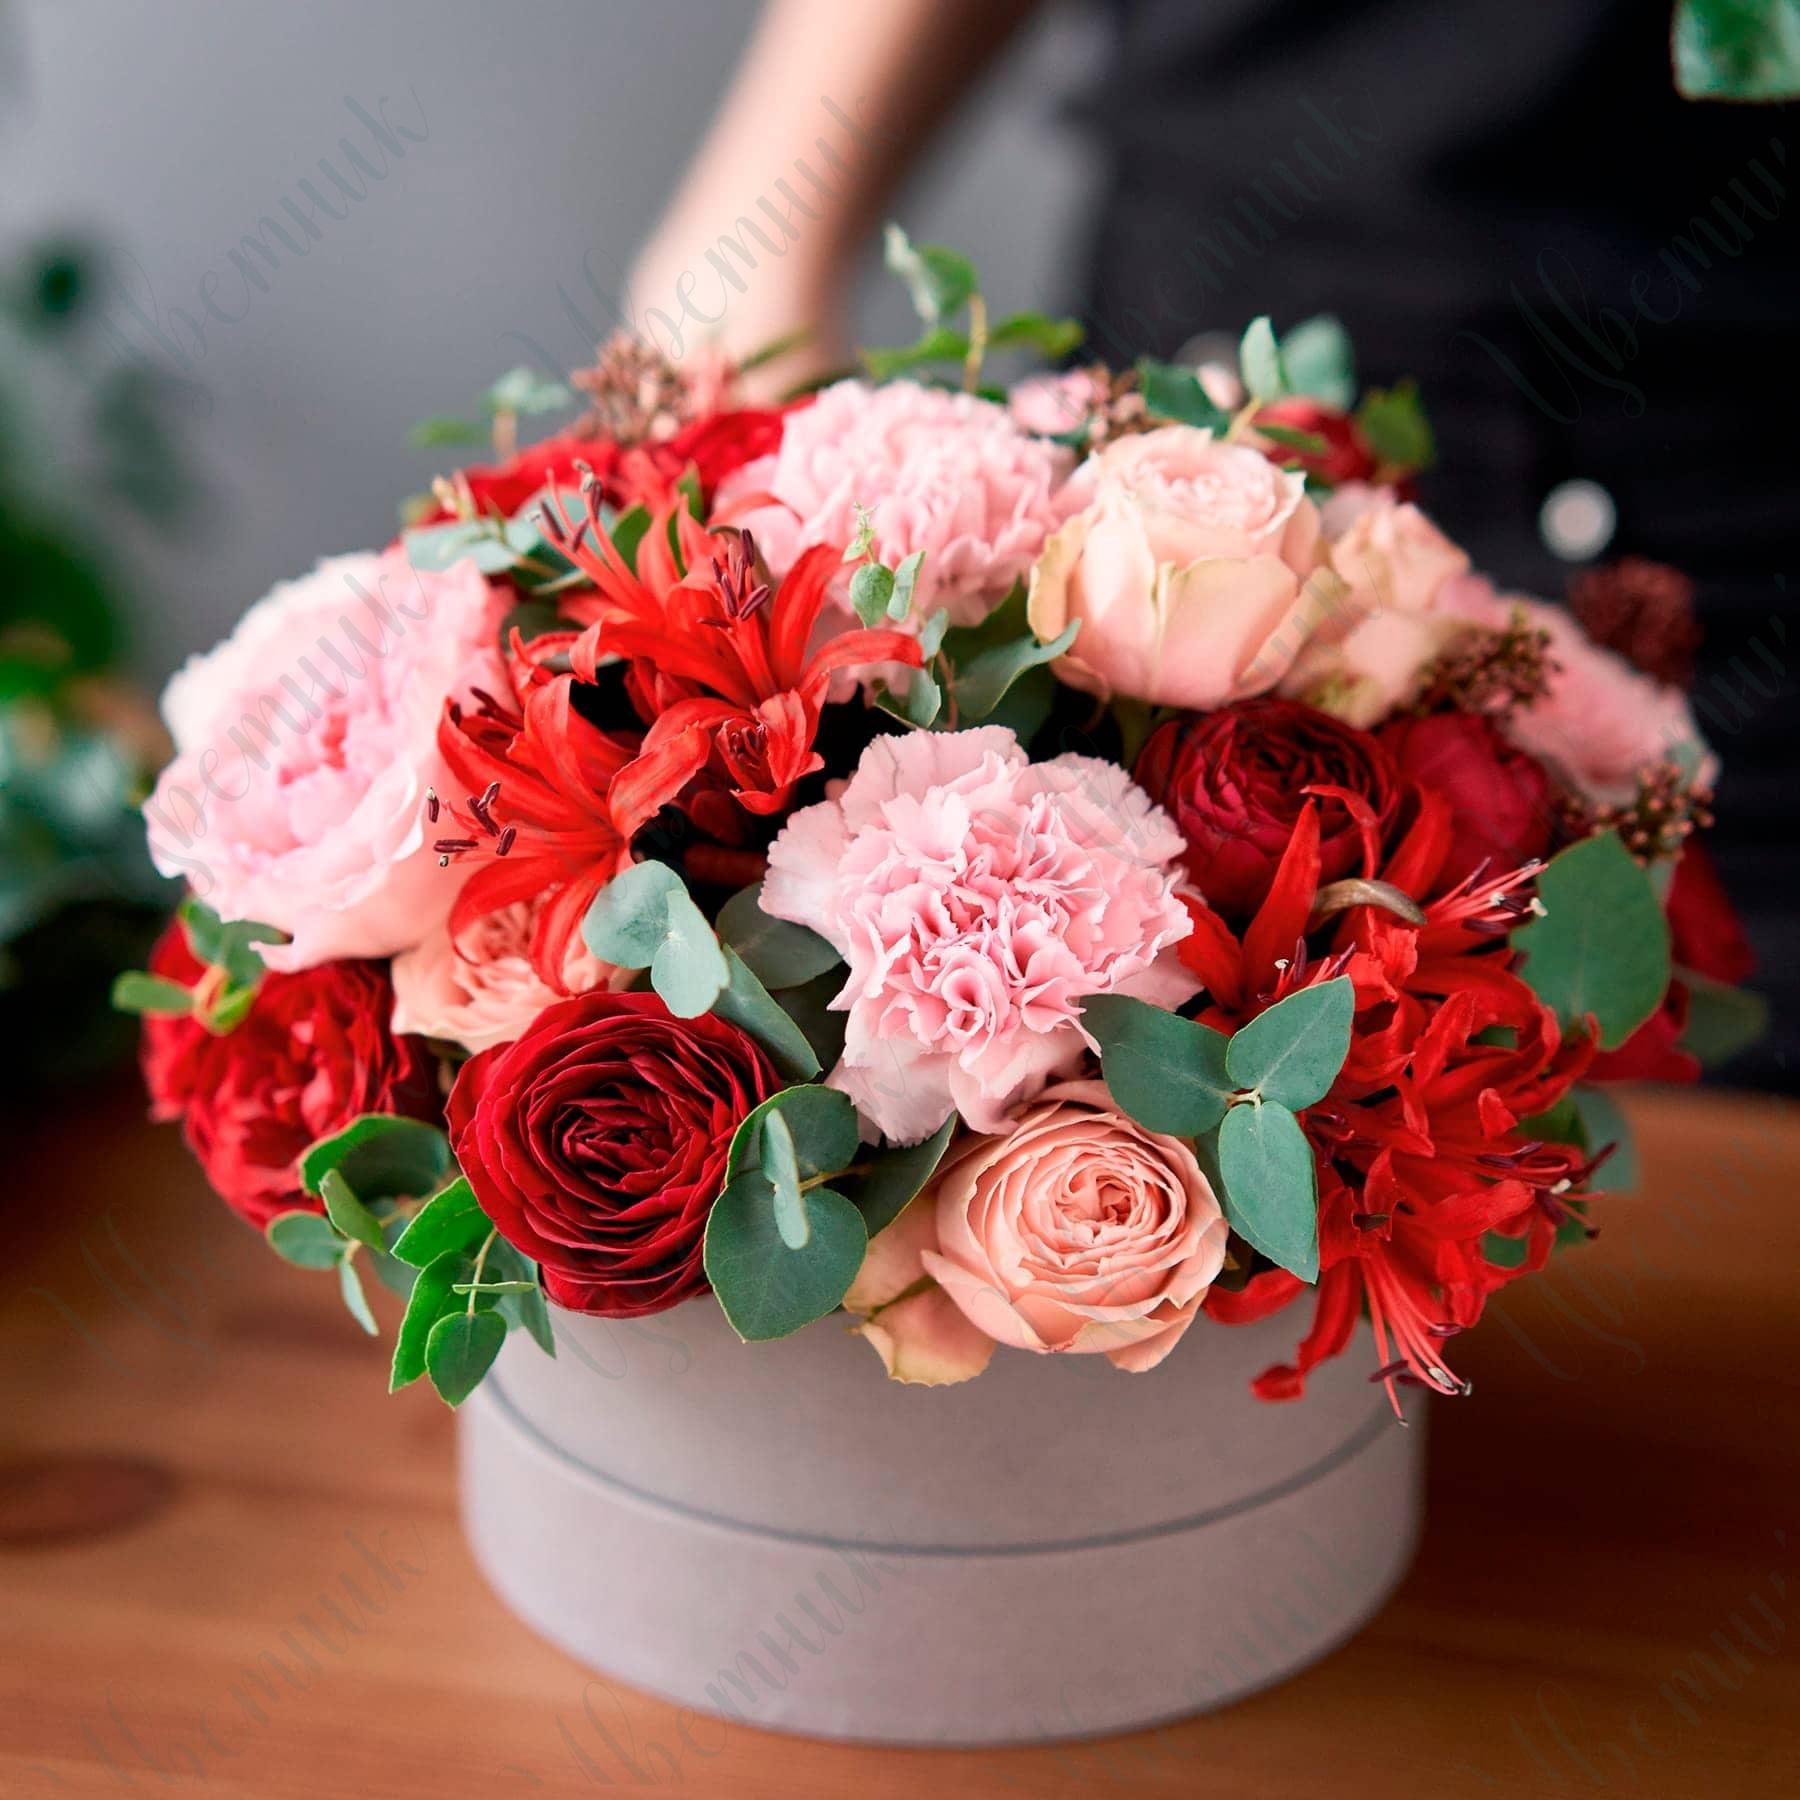 Шляпная коробка из роз, гвоздик и альстрамерии